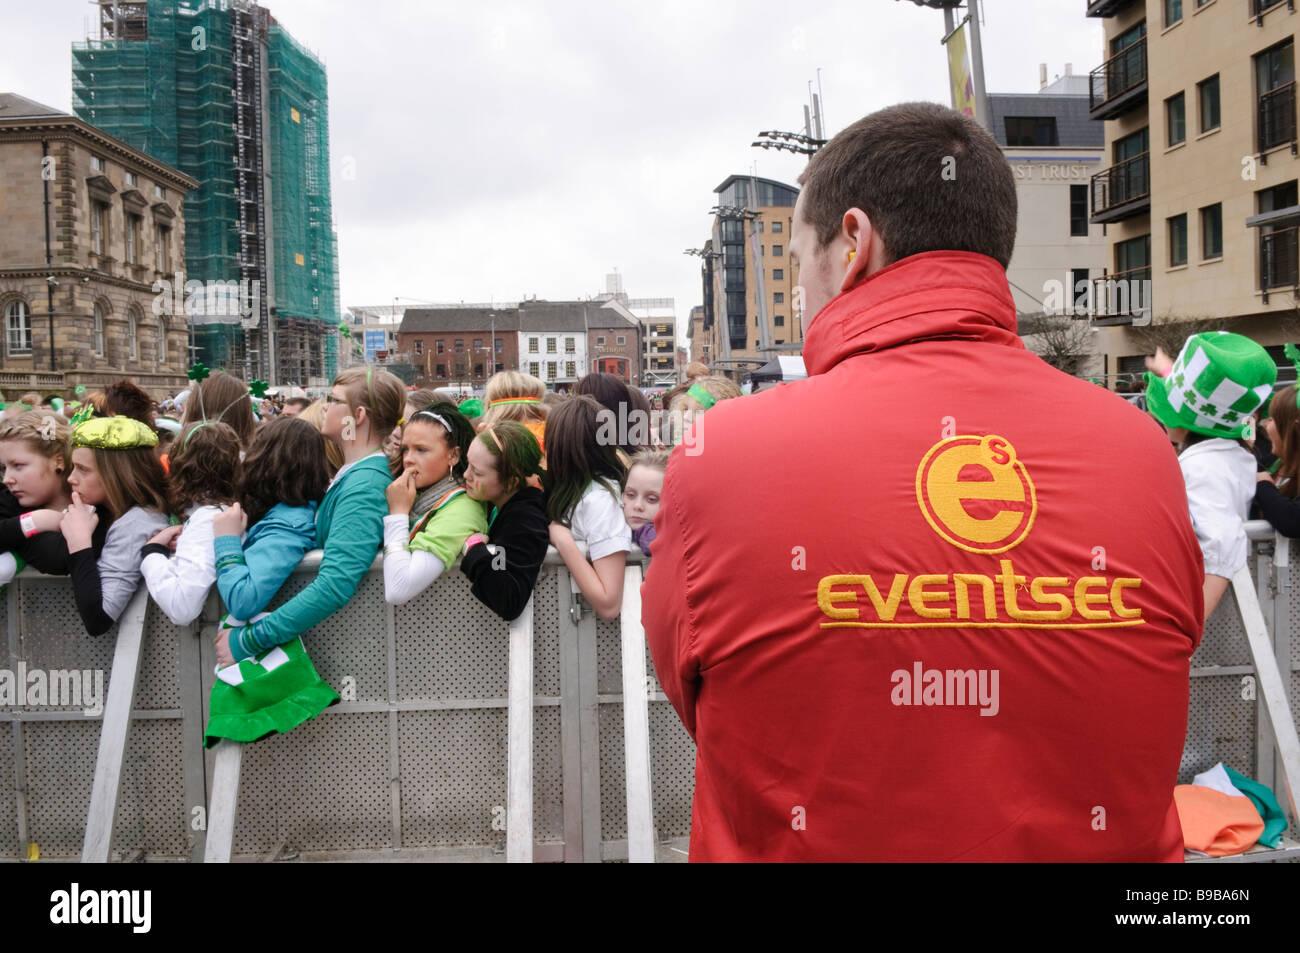 Sicurezza Eventsec impresa fornisce la salute, la sicurezza e la protezione della sicurezza in un concerto a Belfast, Immagini Stock